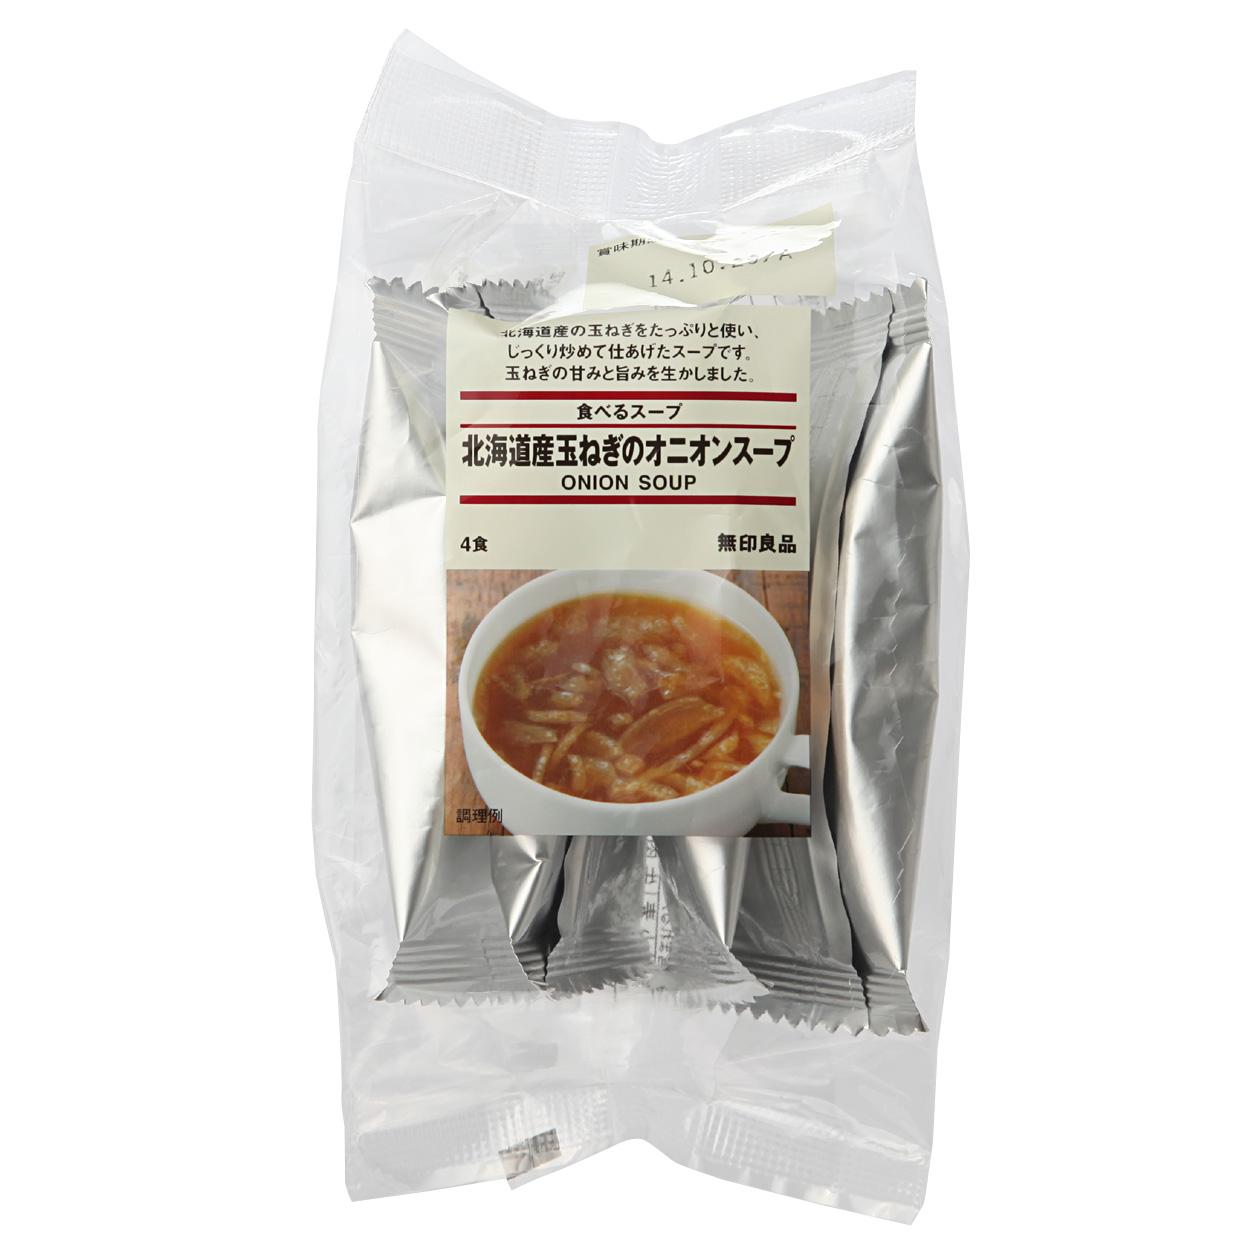 食べるスープ 北海道産玉ねぎのオニオンスープ 4食